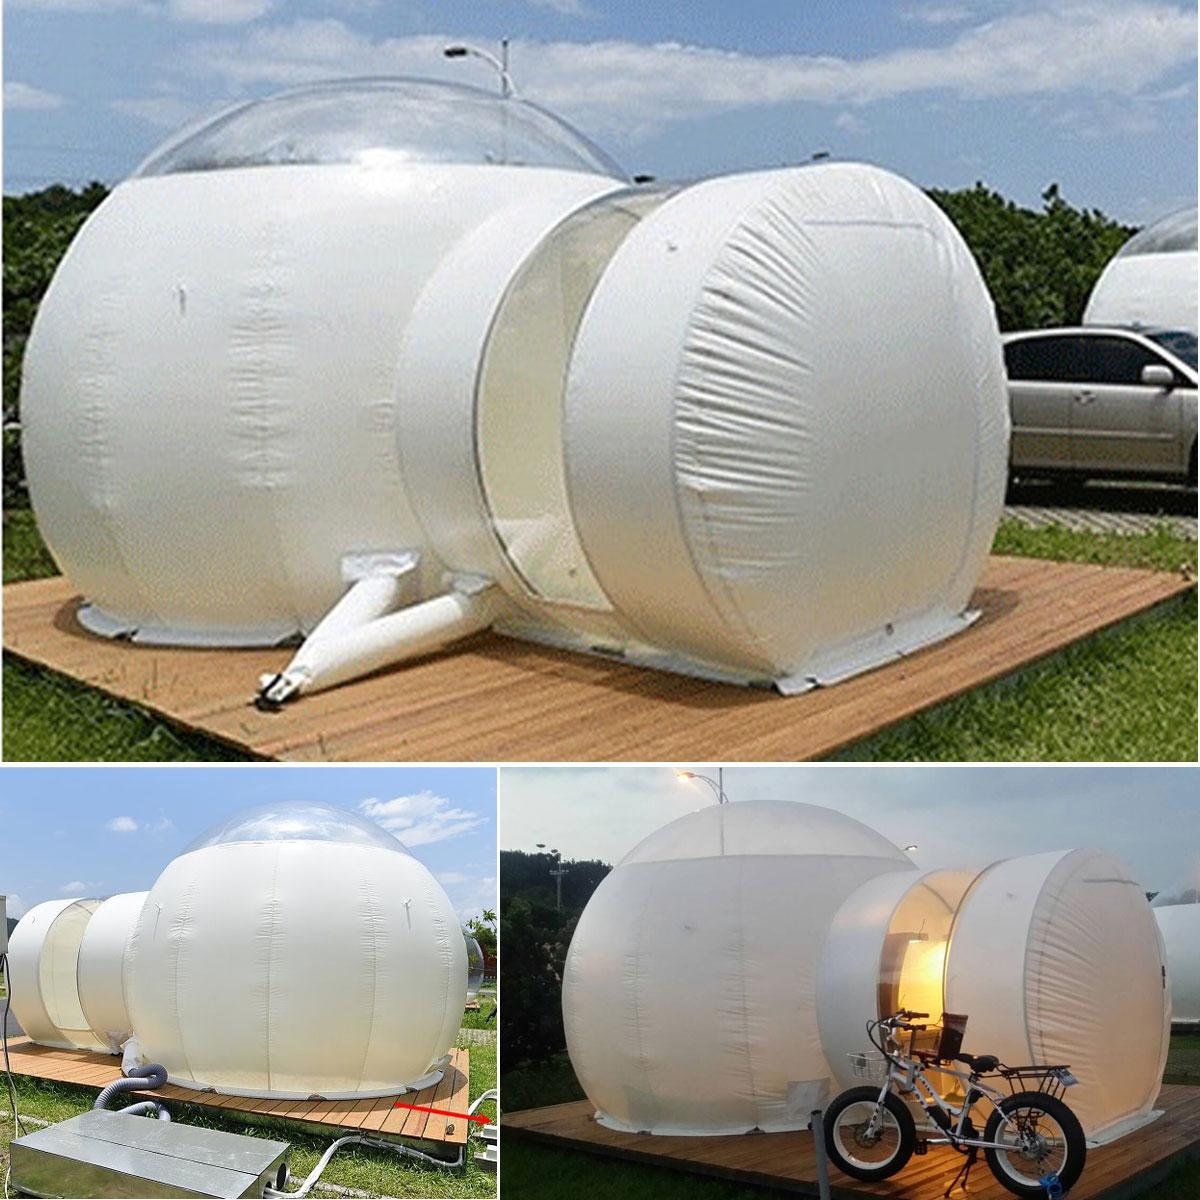 SGODDE 3 m Gonflable Maison Écologique Tente BRICOLAGE Maison De Luxe Dôme Camping Cabine Lodge Air Bulle Enseignes Publicitaires Gonflable Maison Spectacle